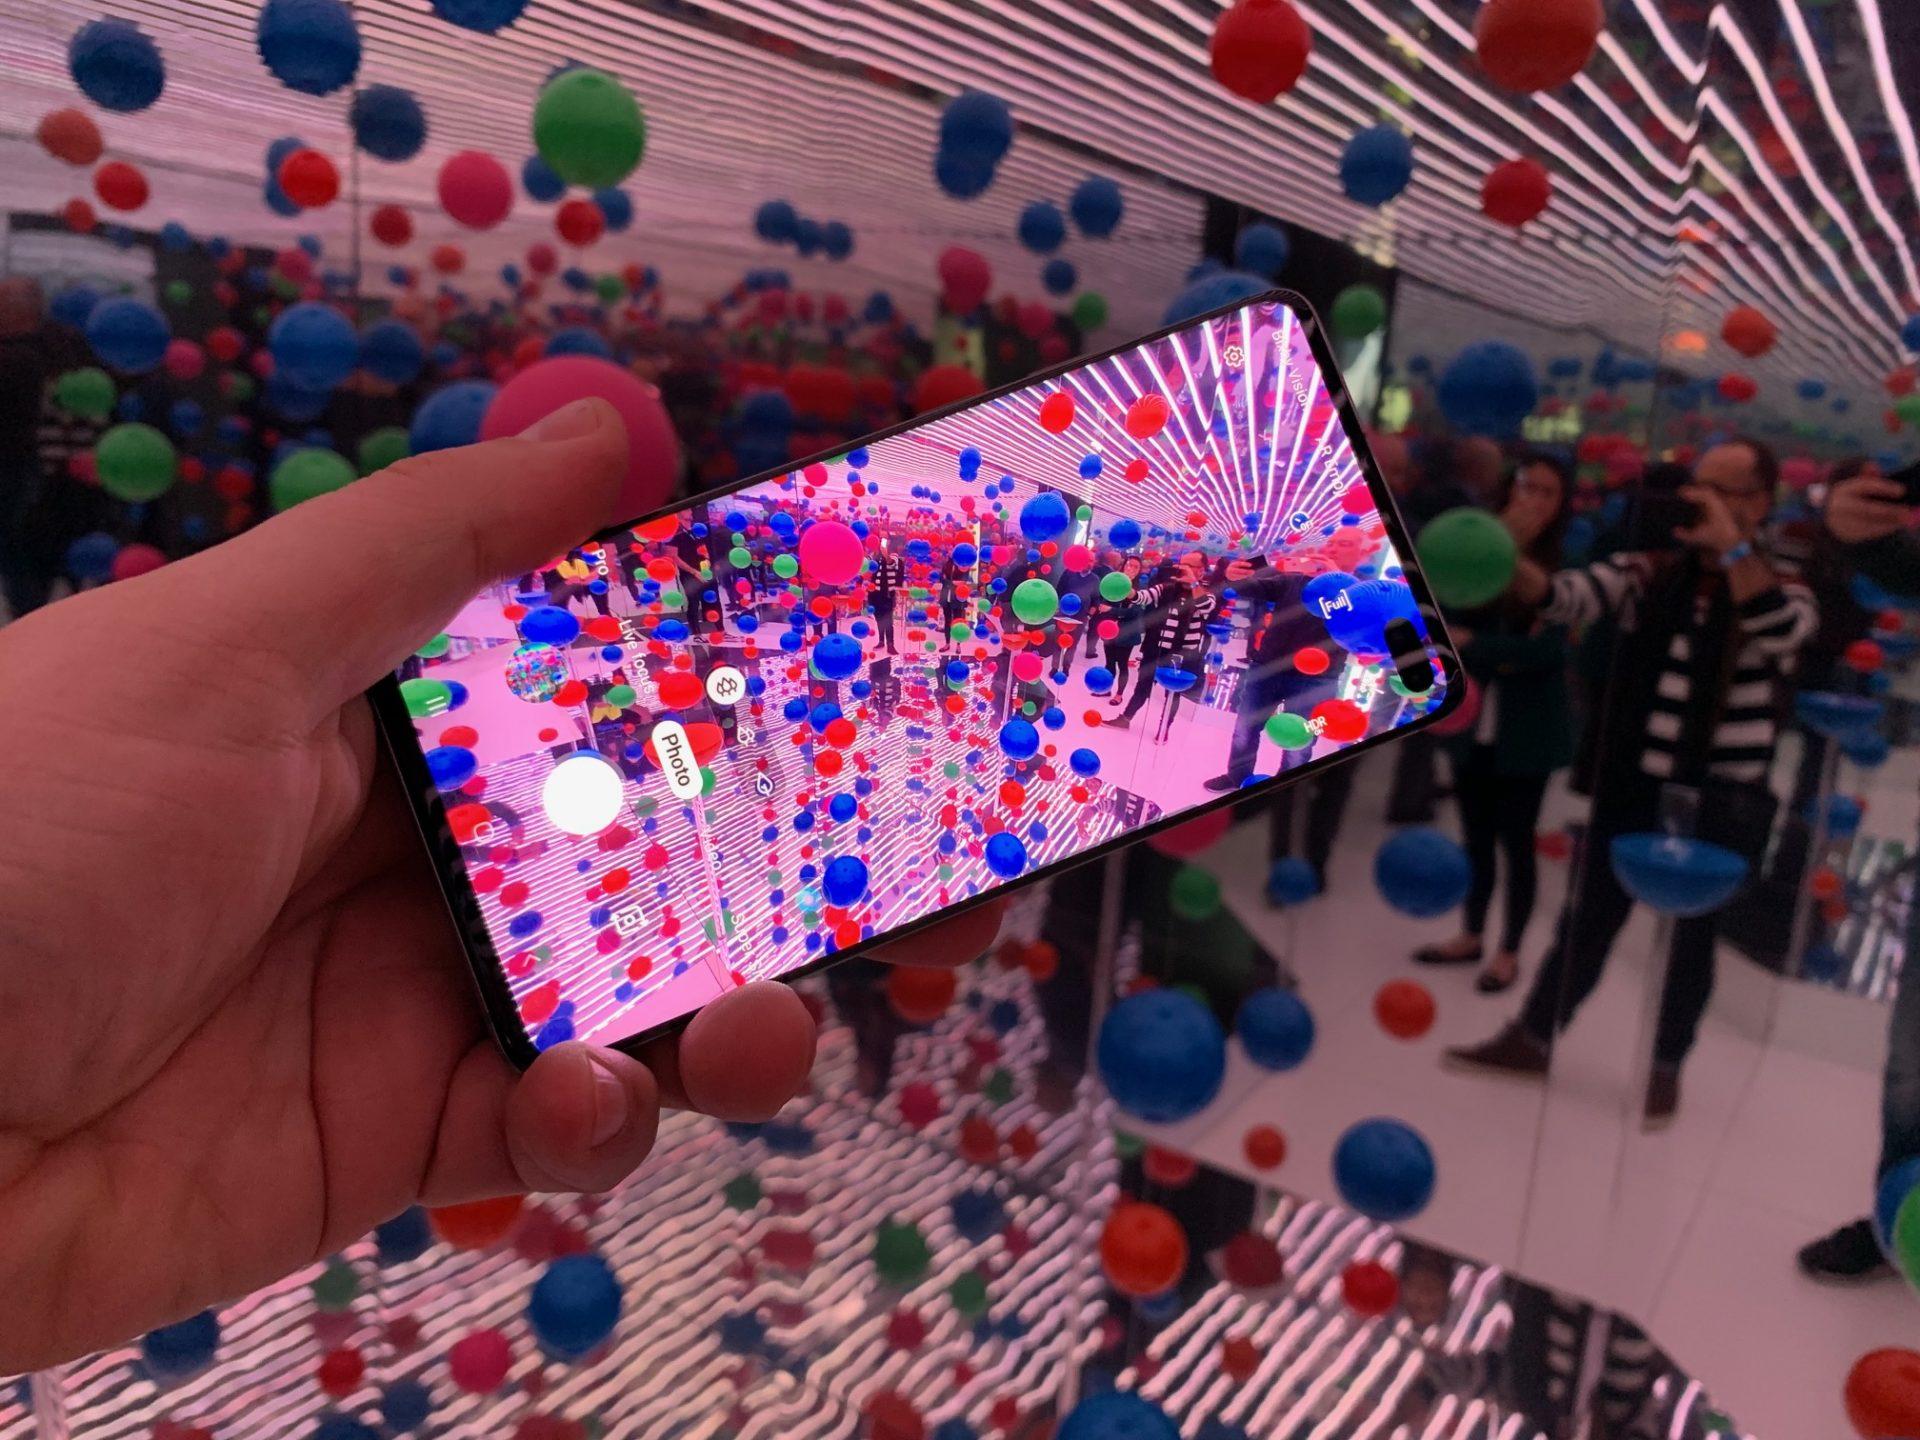 Il Galaxy S10 ha una definizione pazzesca delle immagini